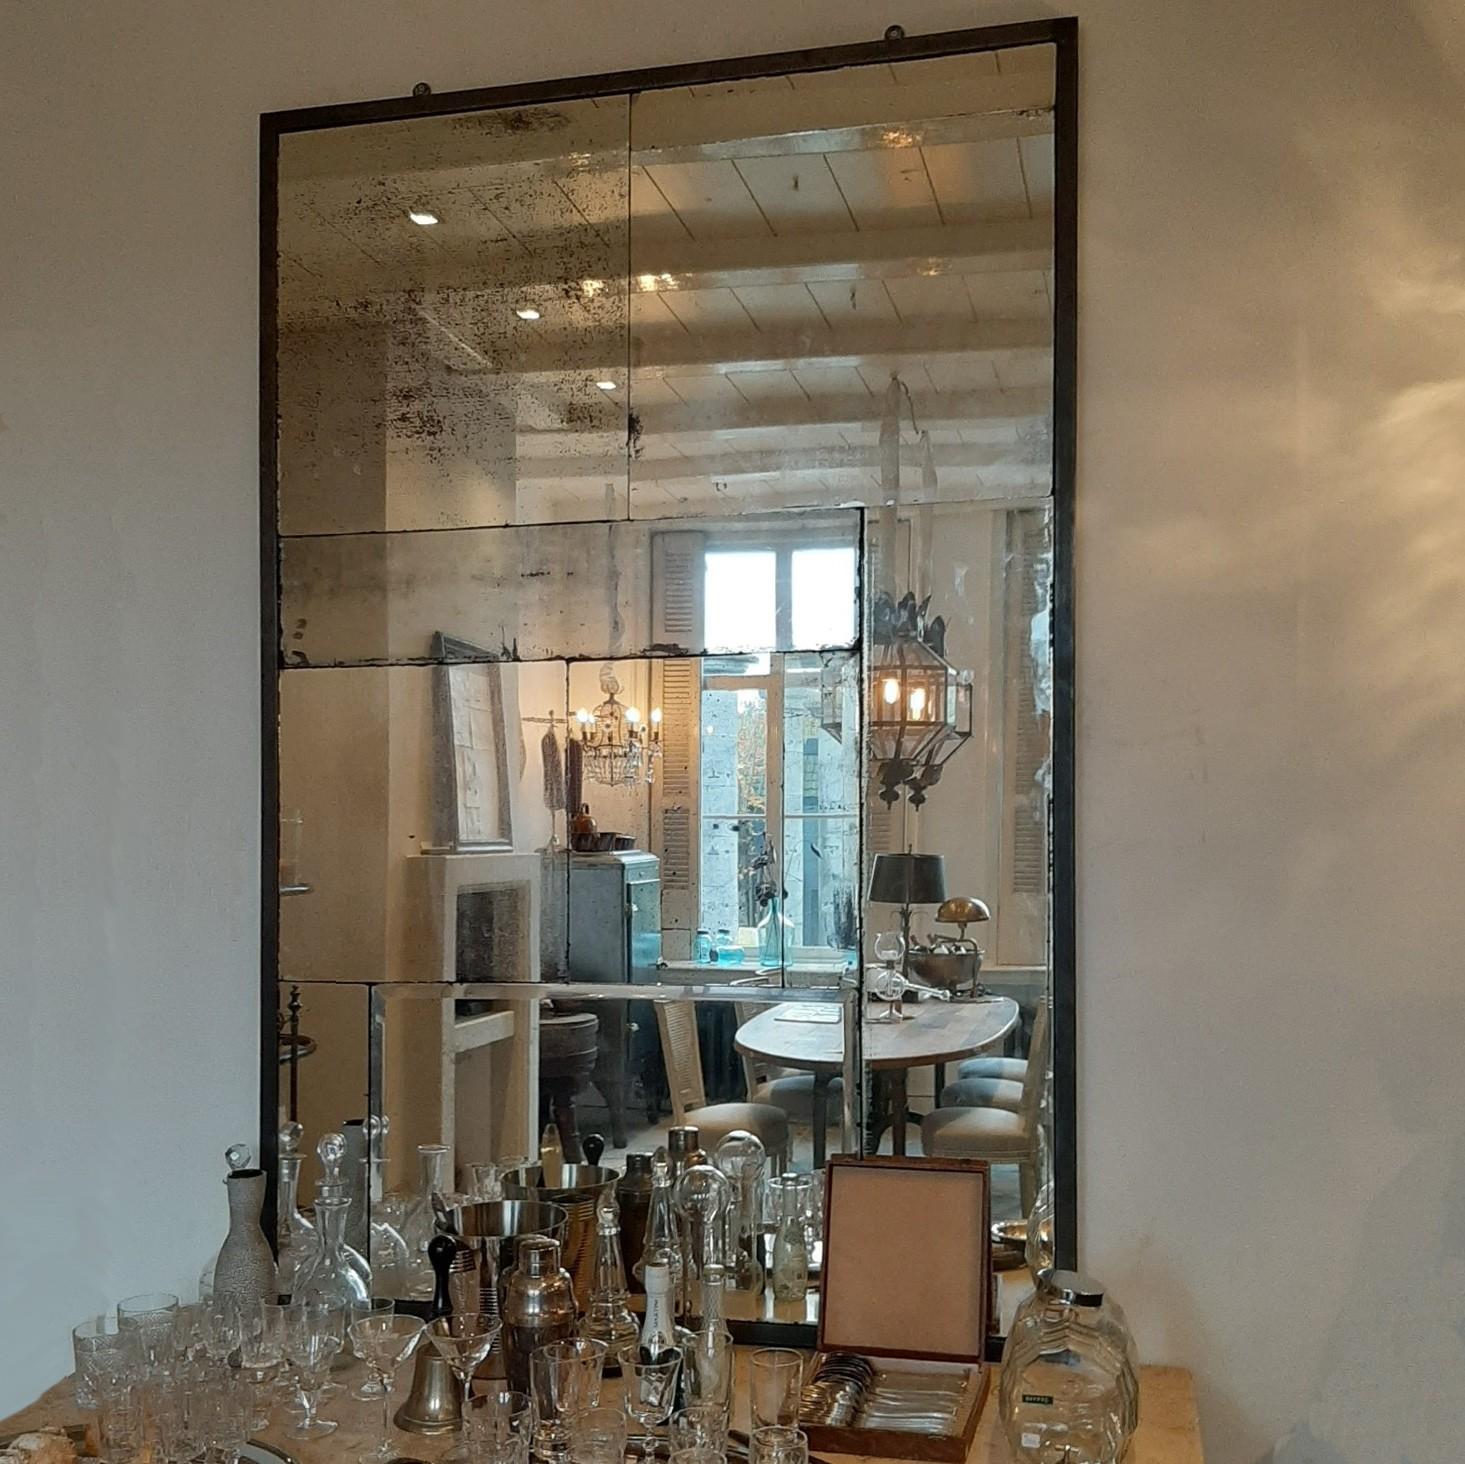 Grote spiegel gemaakt van antiekspiegelglas in zwart stalen lijst